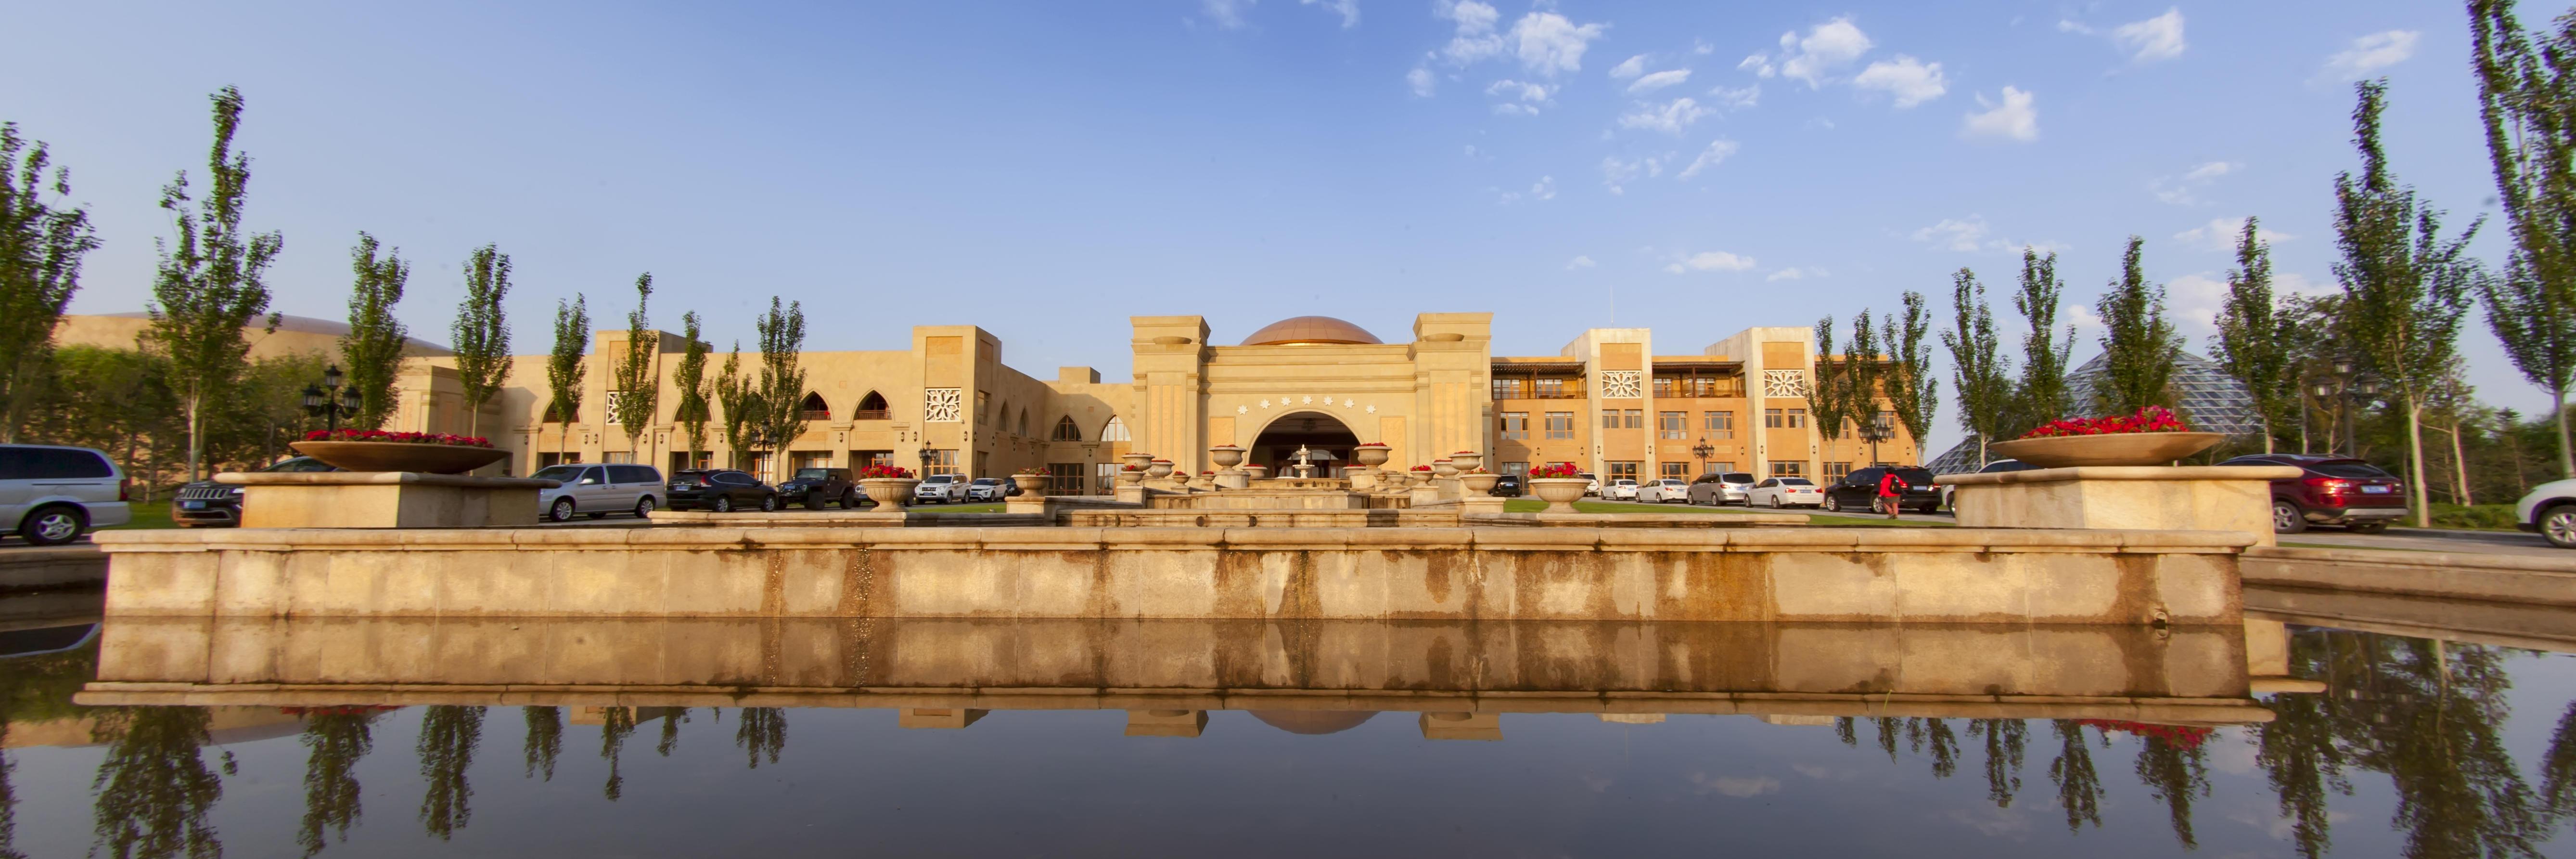 阿布扎比皇宫闻名遐迩 中国也有一类似沙漠奇迹 你可能没听说过